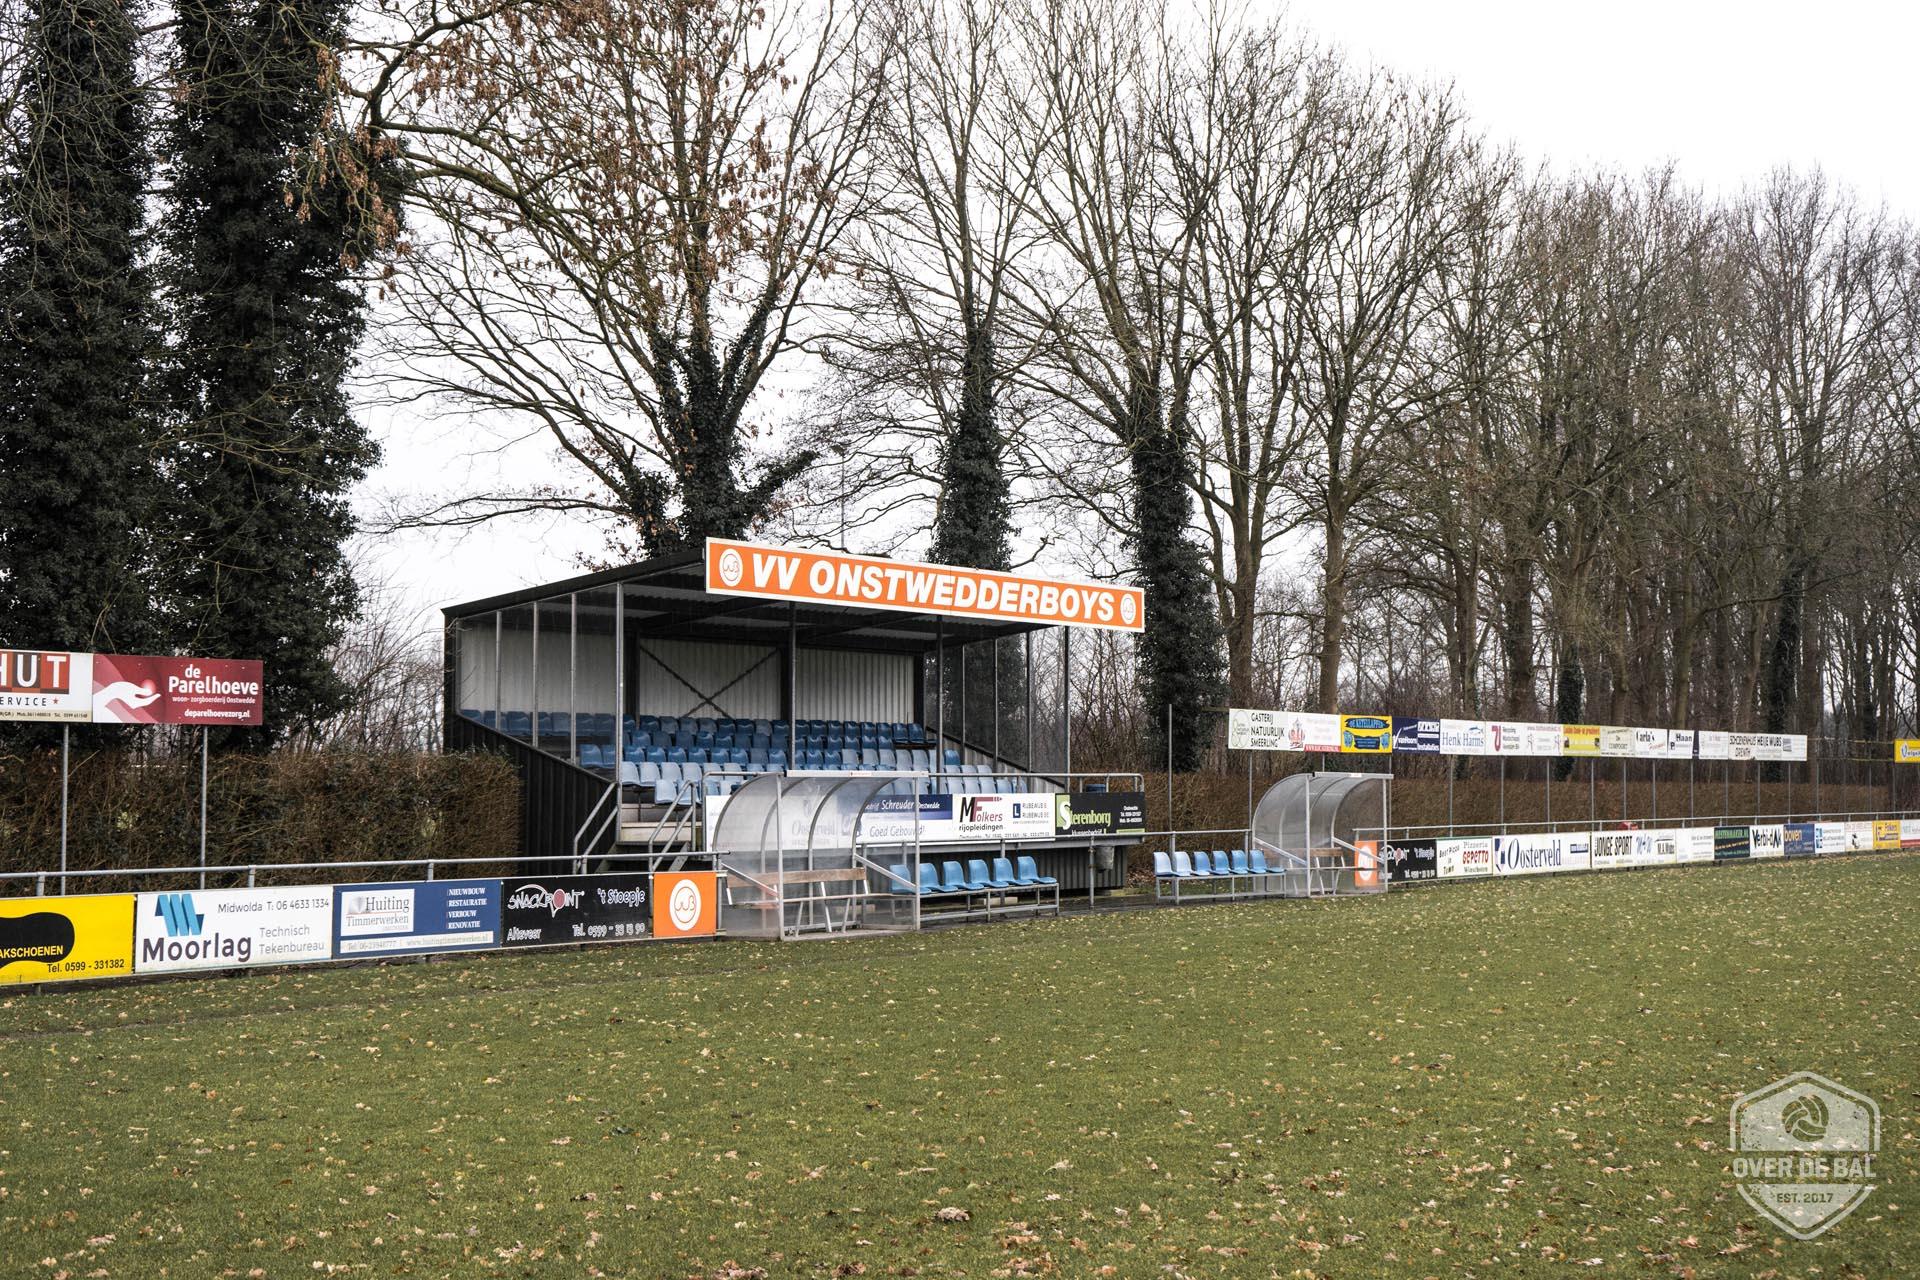 Sportpark de Boskamp VV Onstwedderboys